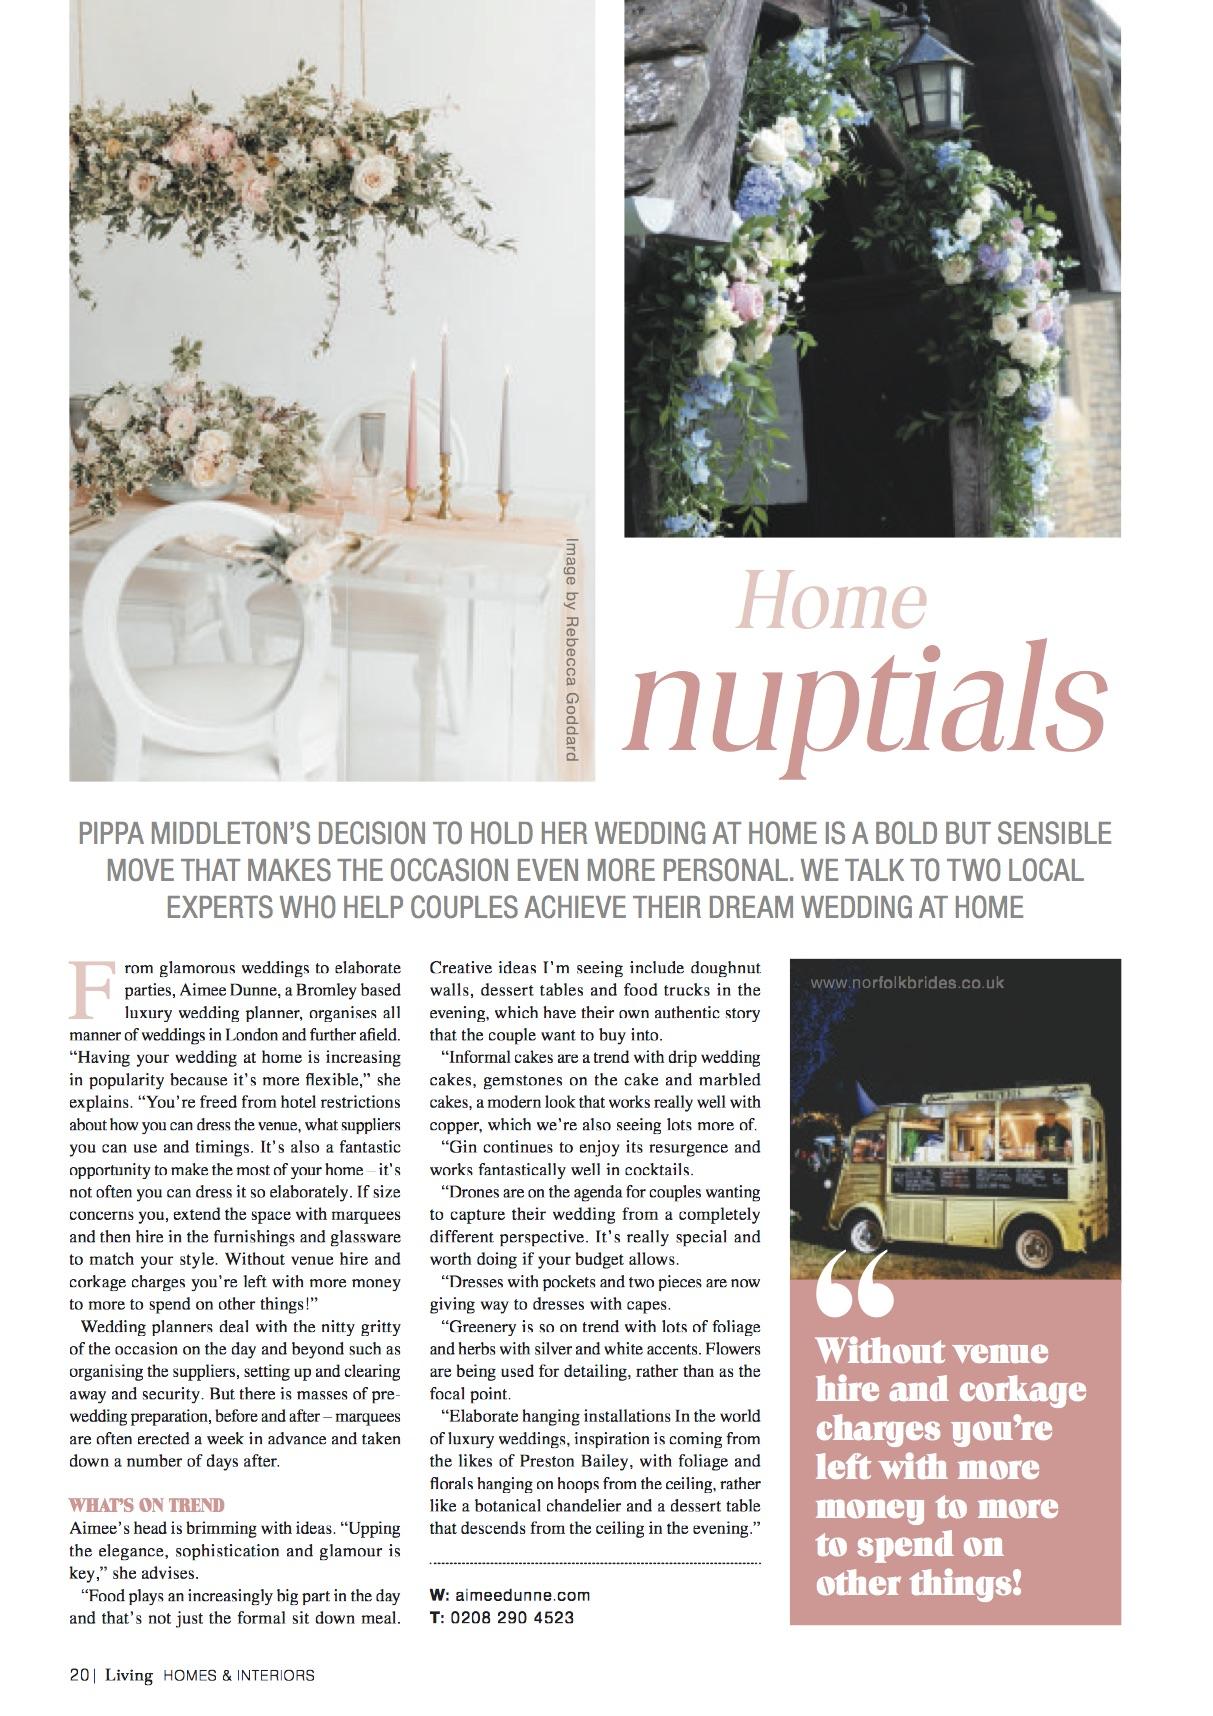 SE Living 17-05 H&I Home Nuptials (2).jpg